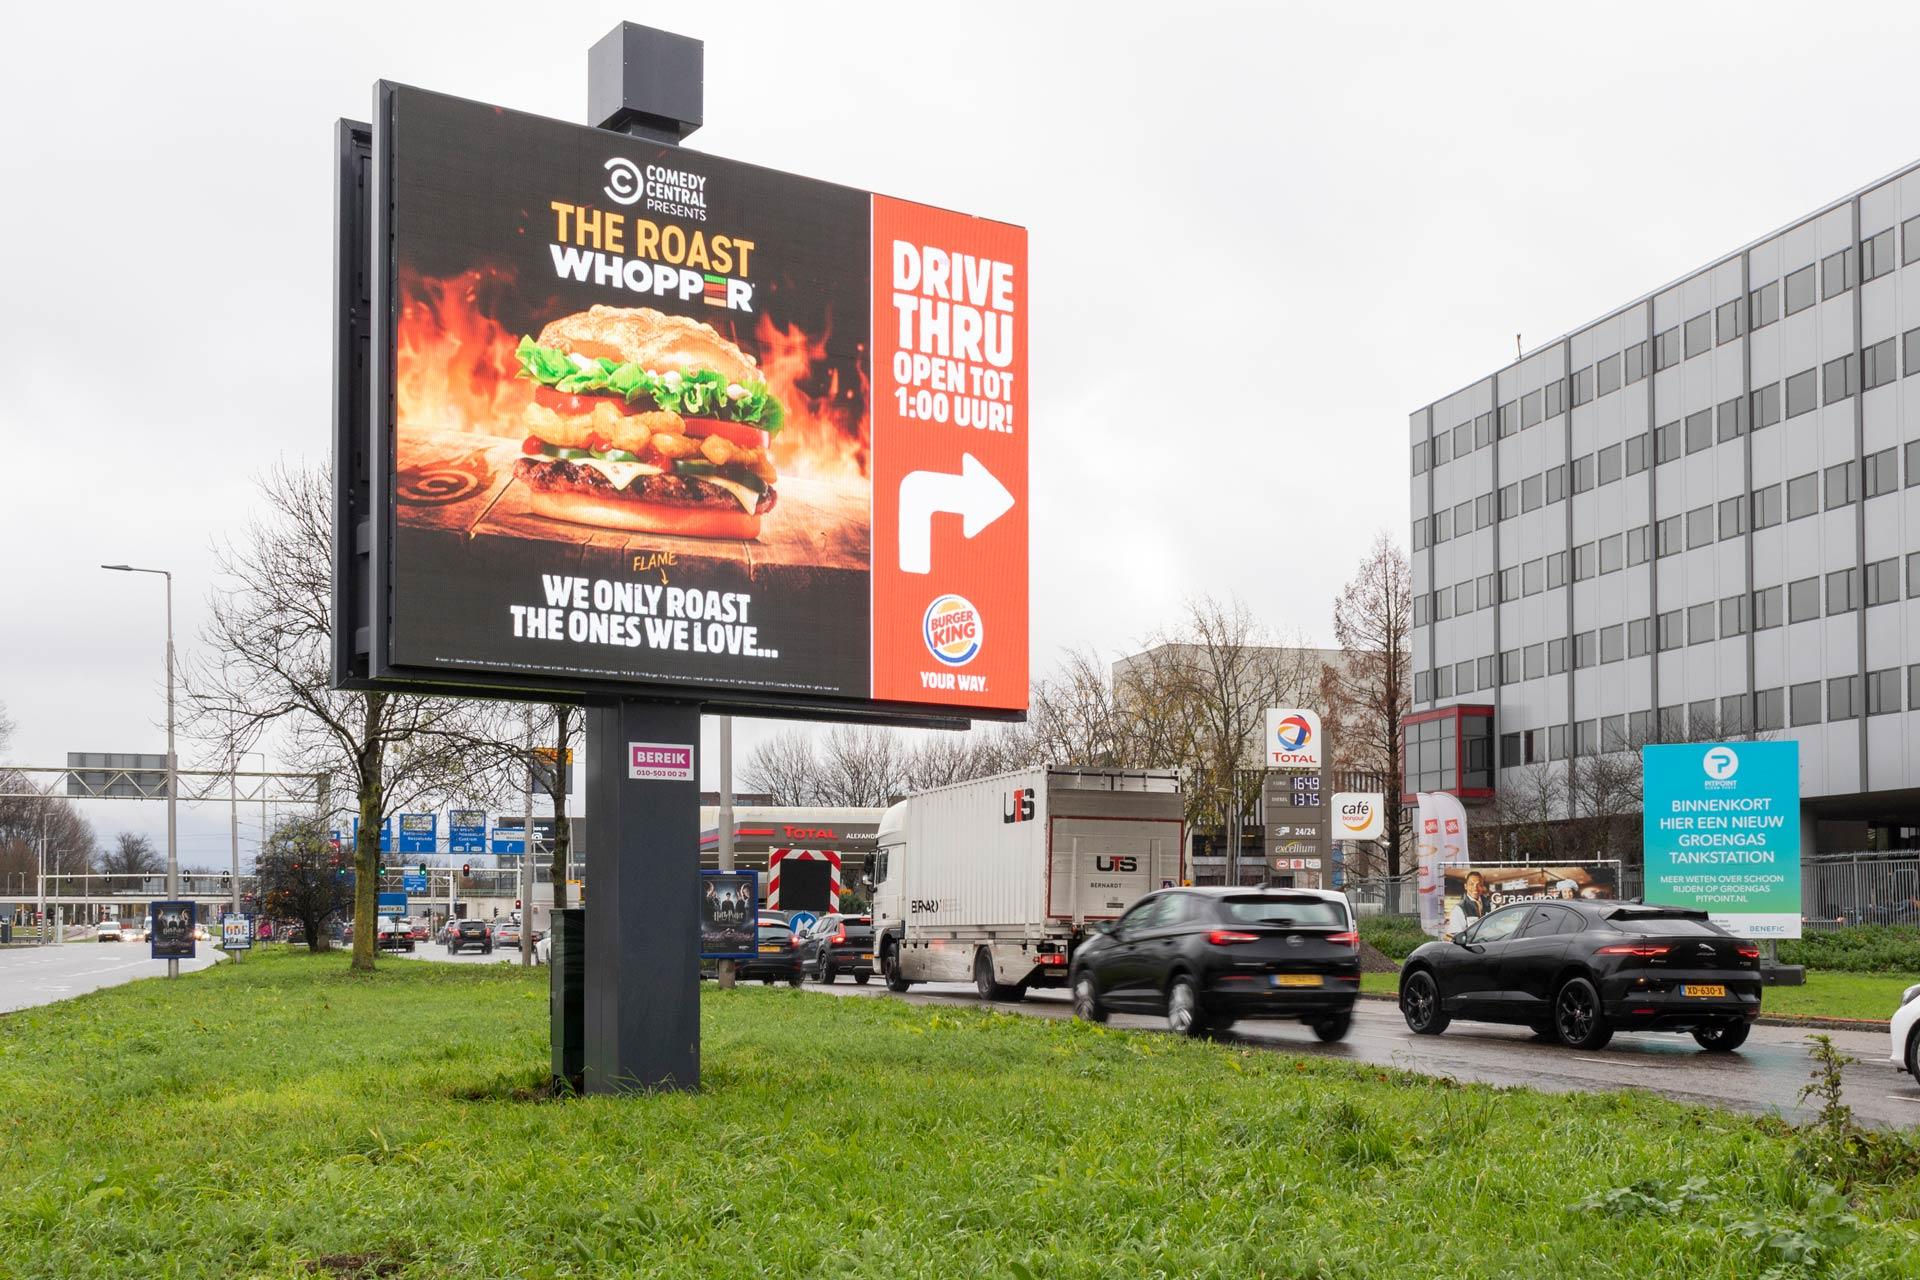 capelle aan den ijssel digitaal billboard digitale buitenreclame